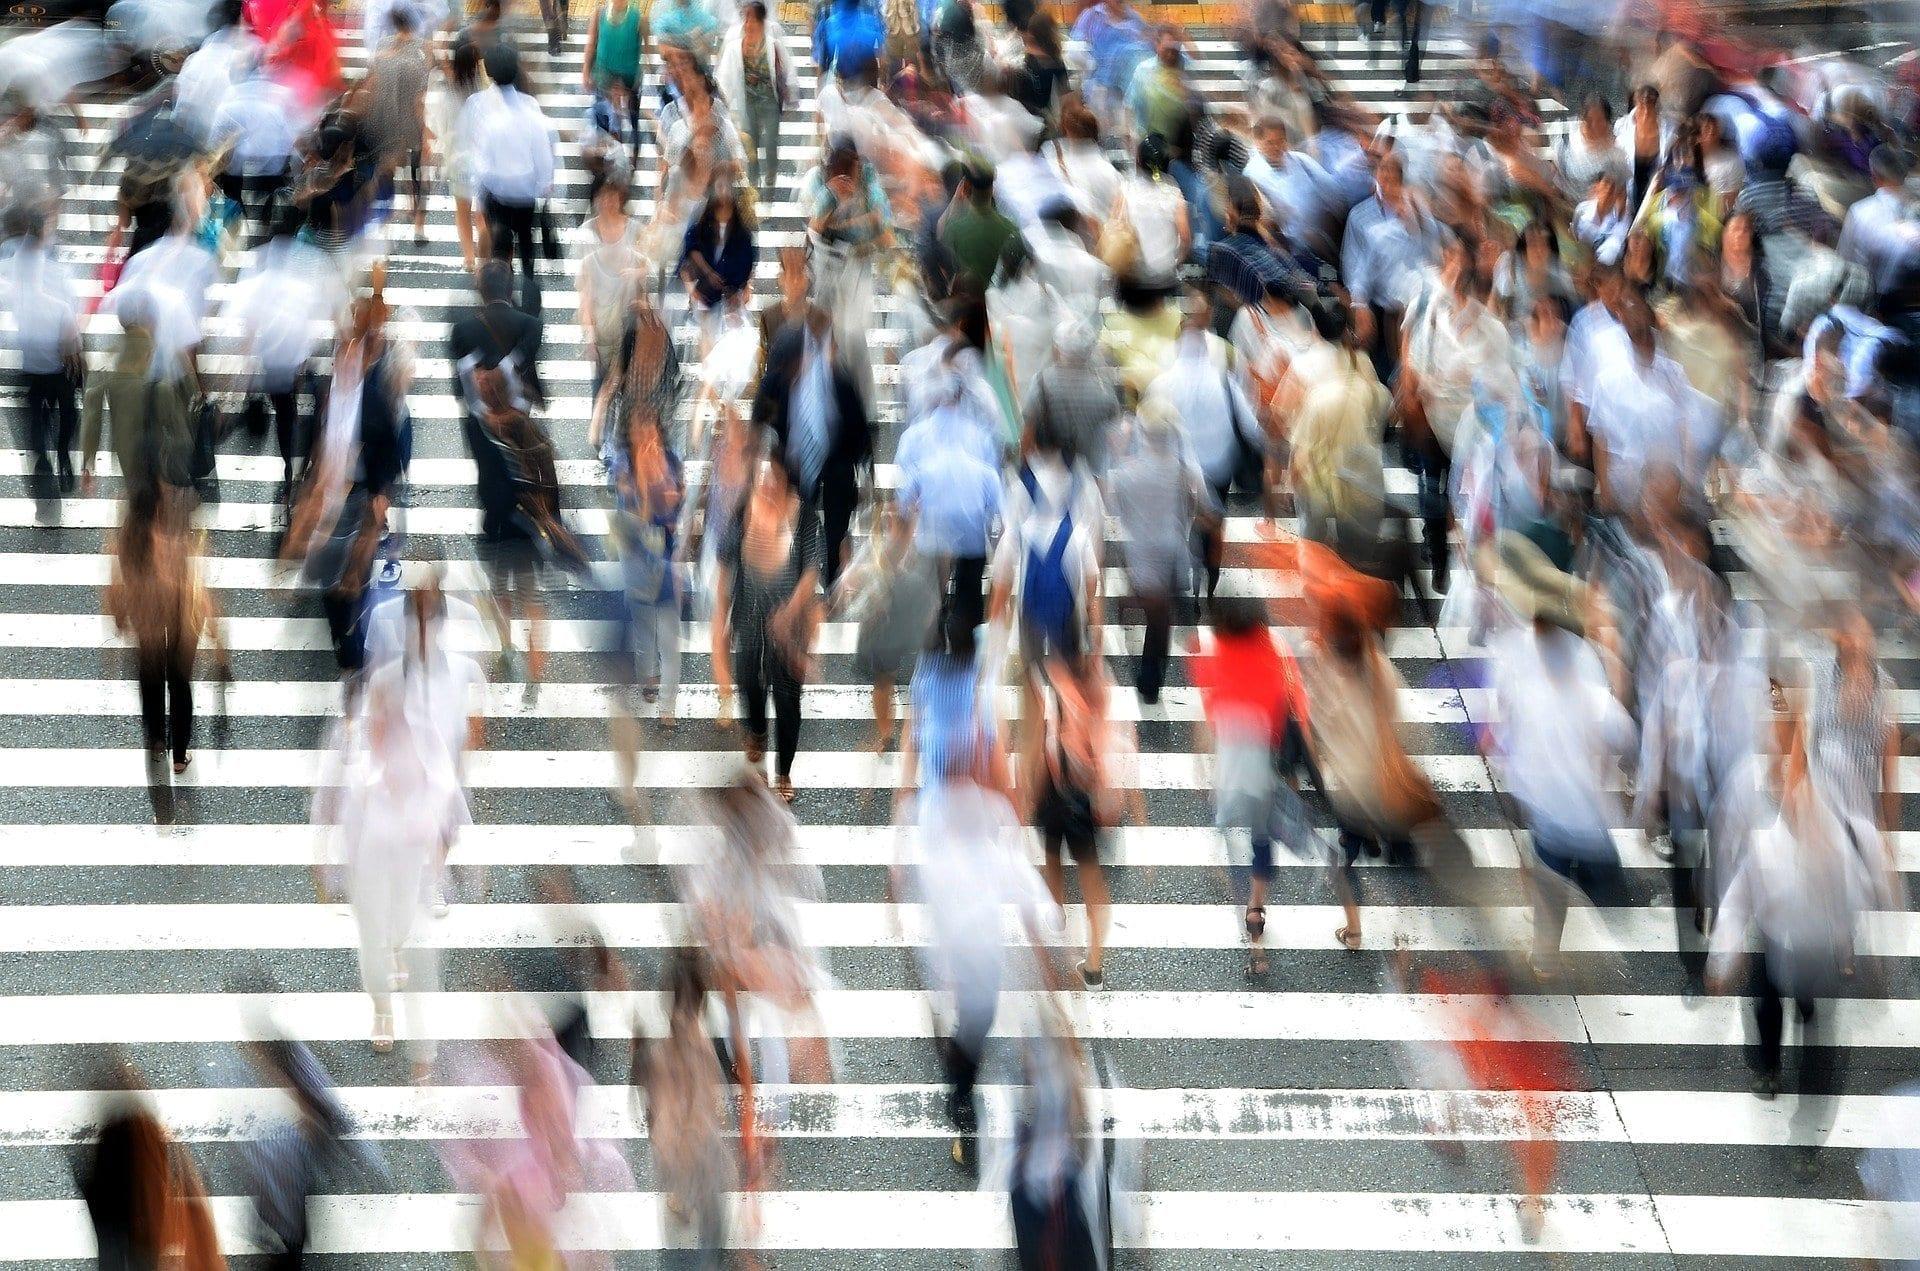 pedestrian, aglomeración, personas, desconfinamiento, brian merrill